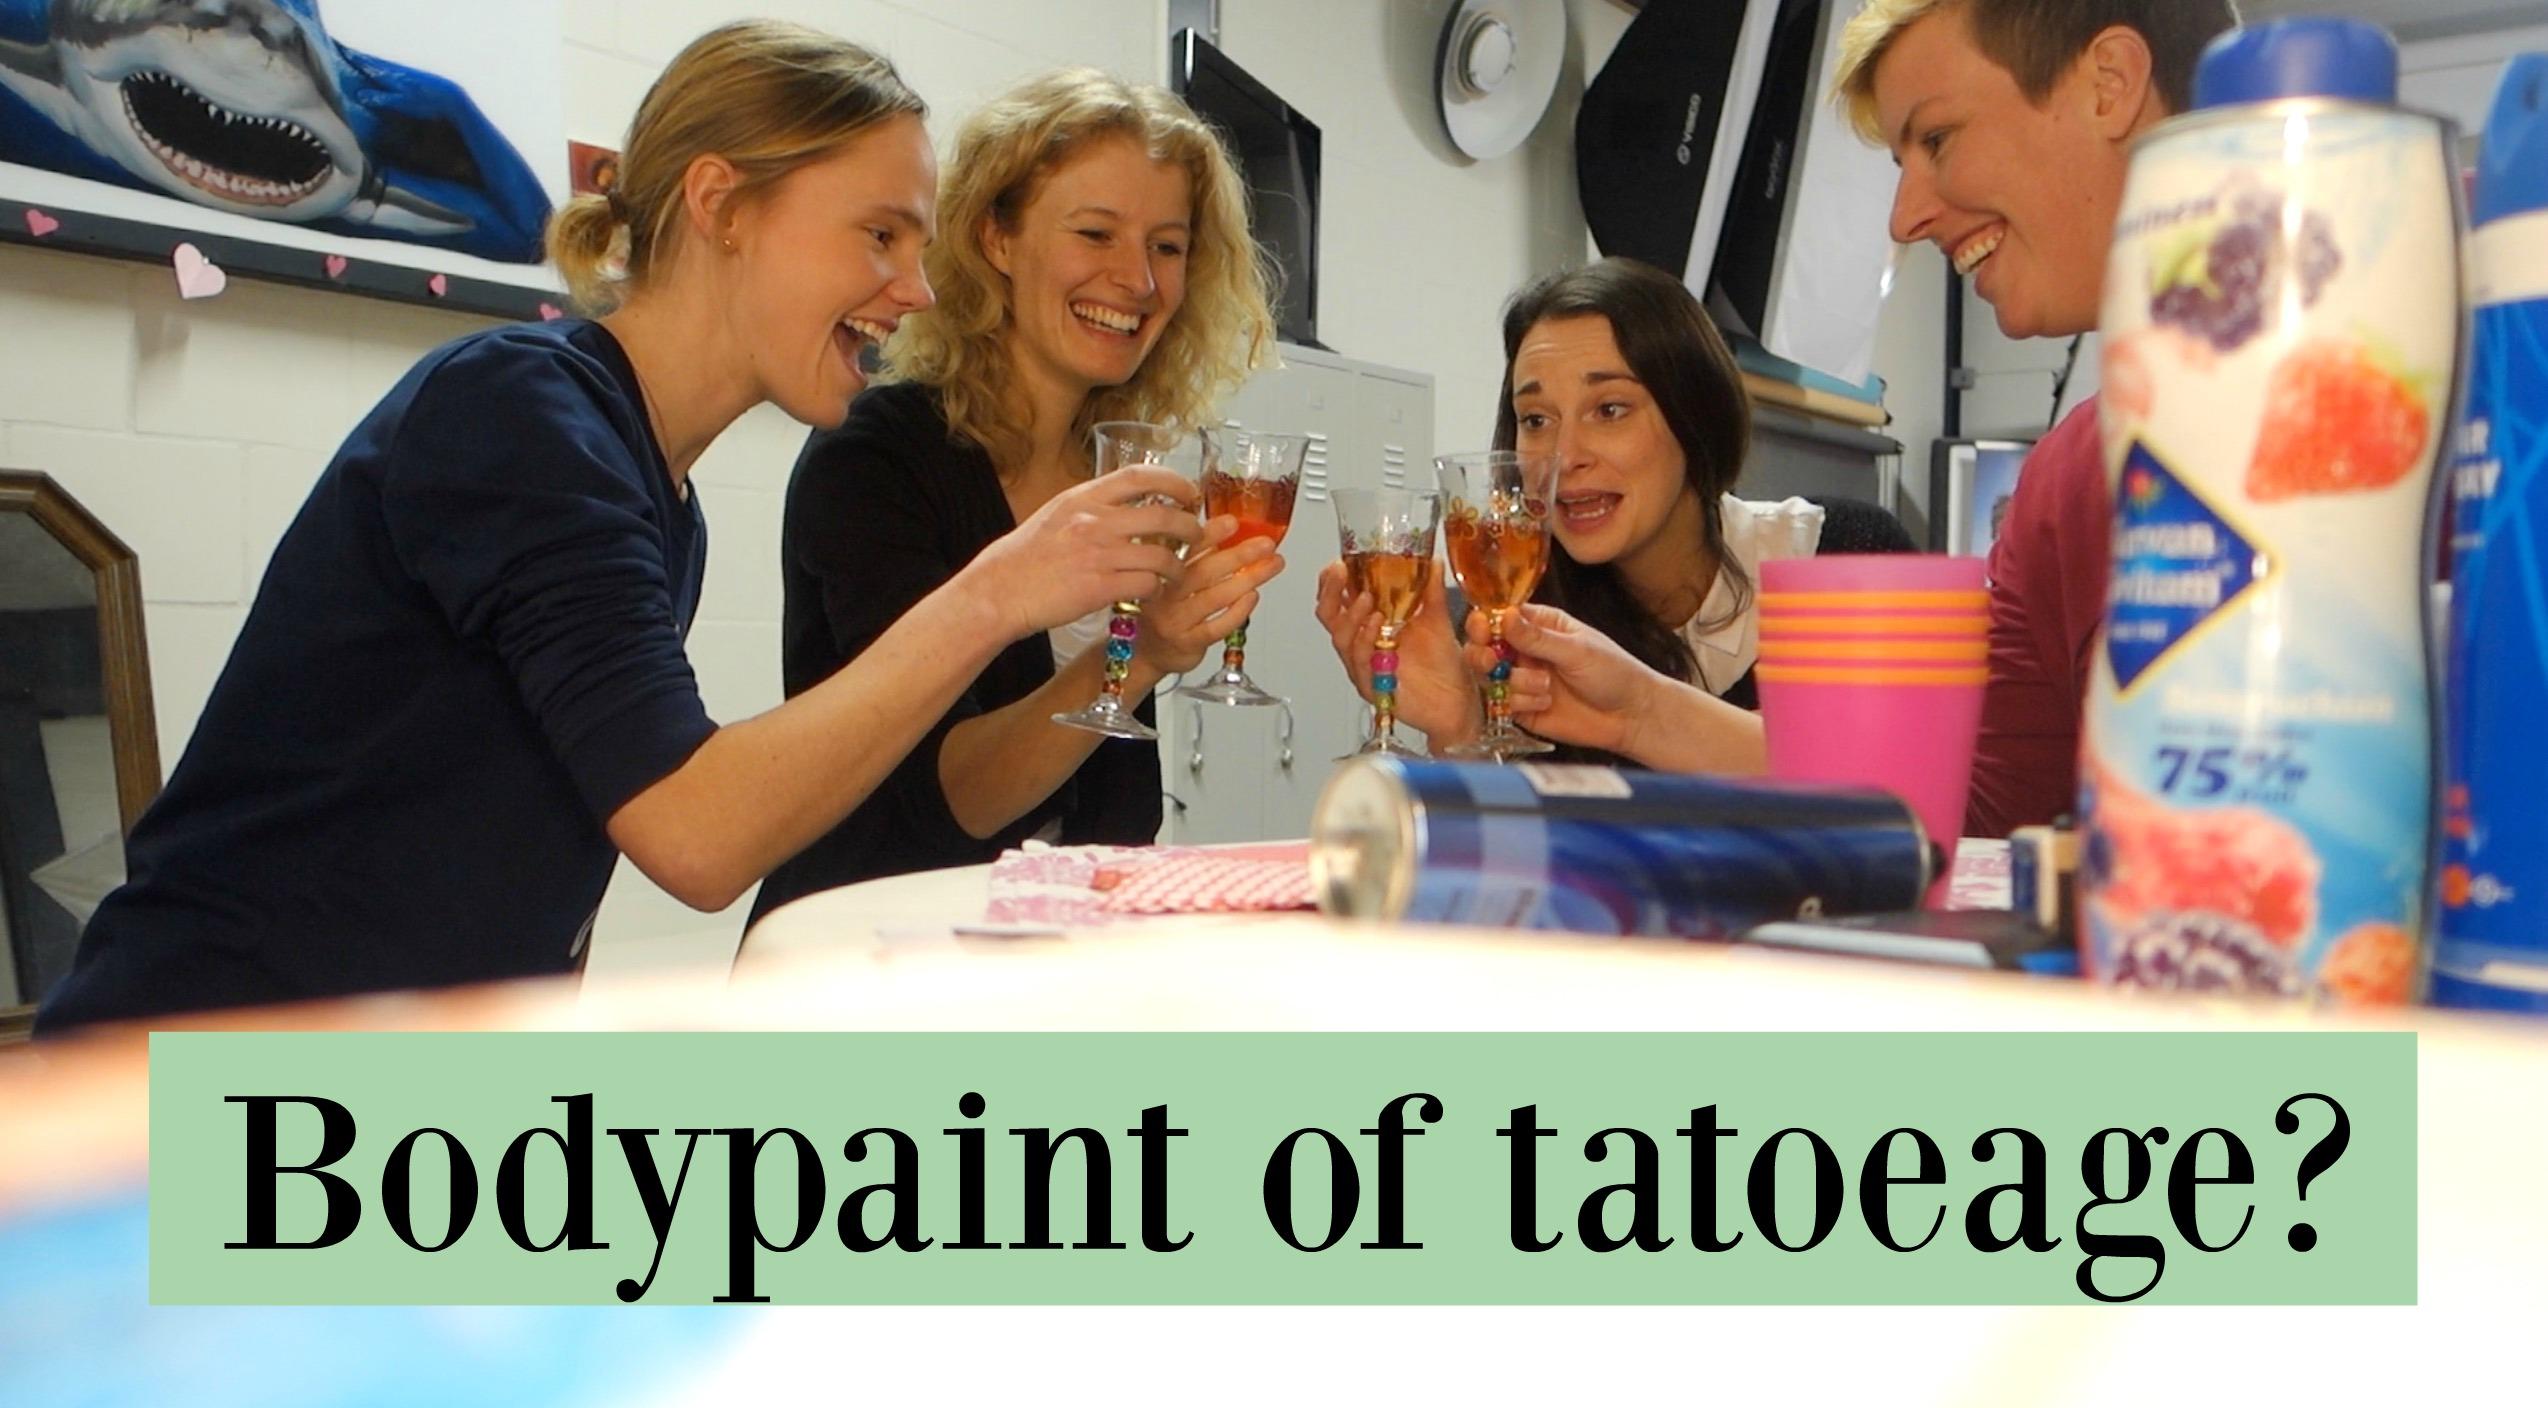 Vlog 72: Bodypaint of tatoeage?